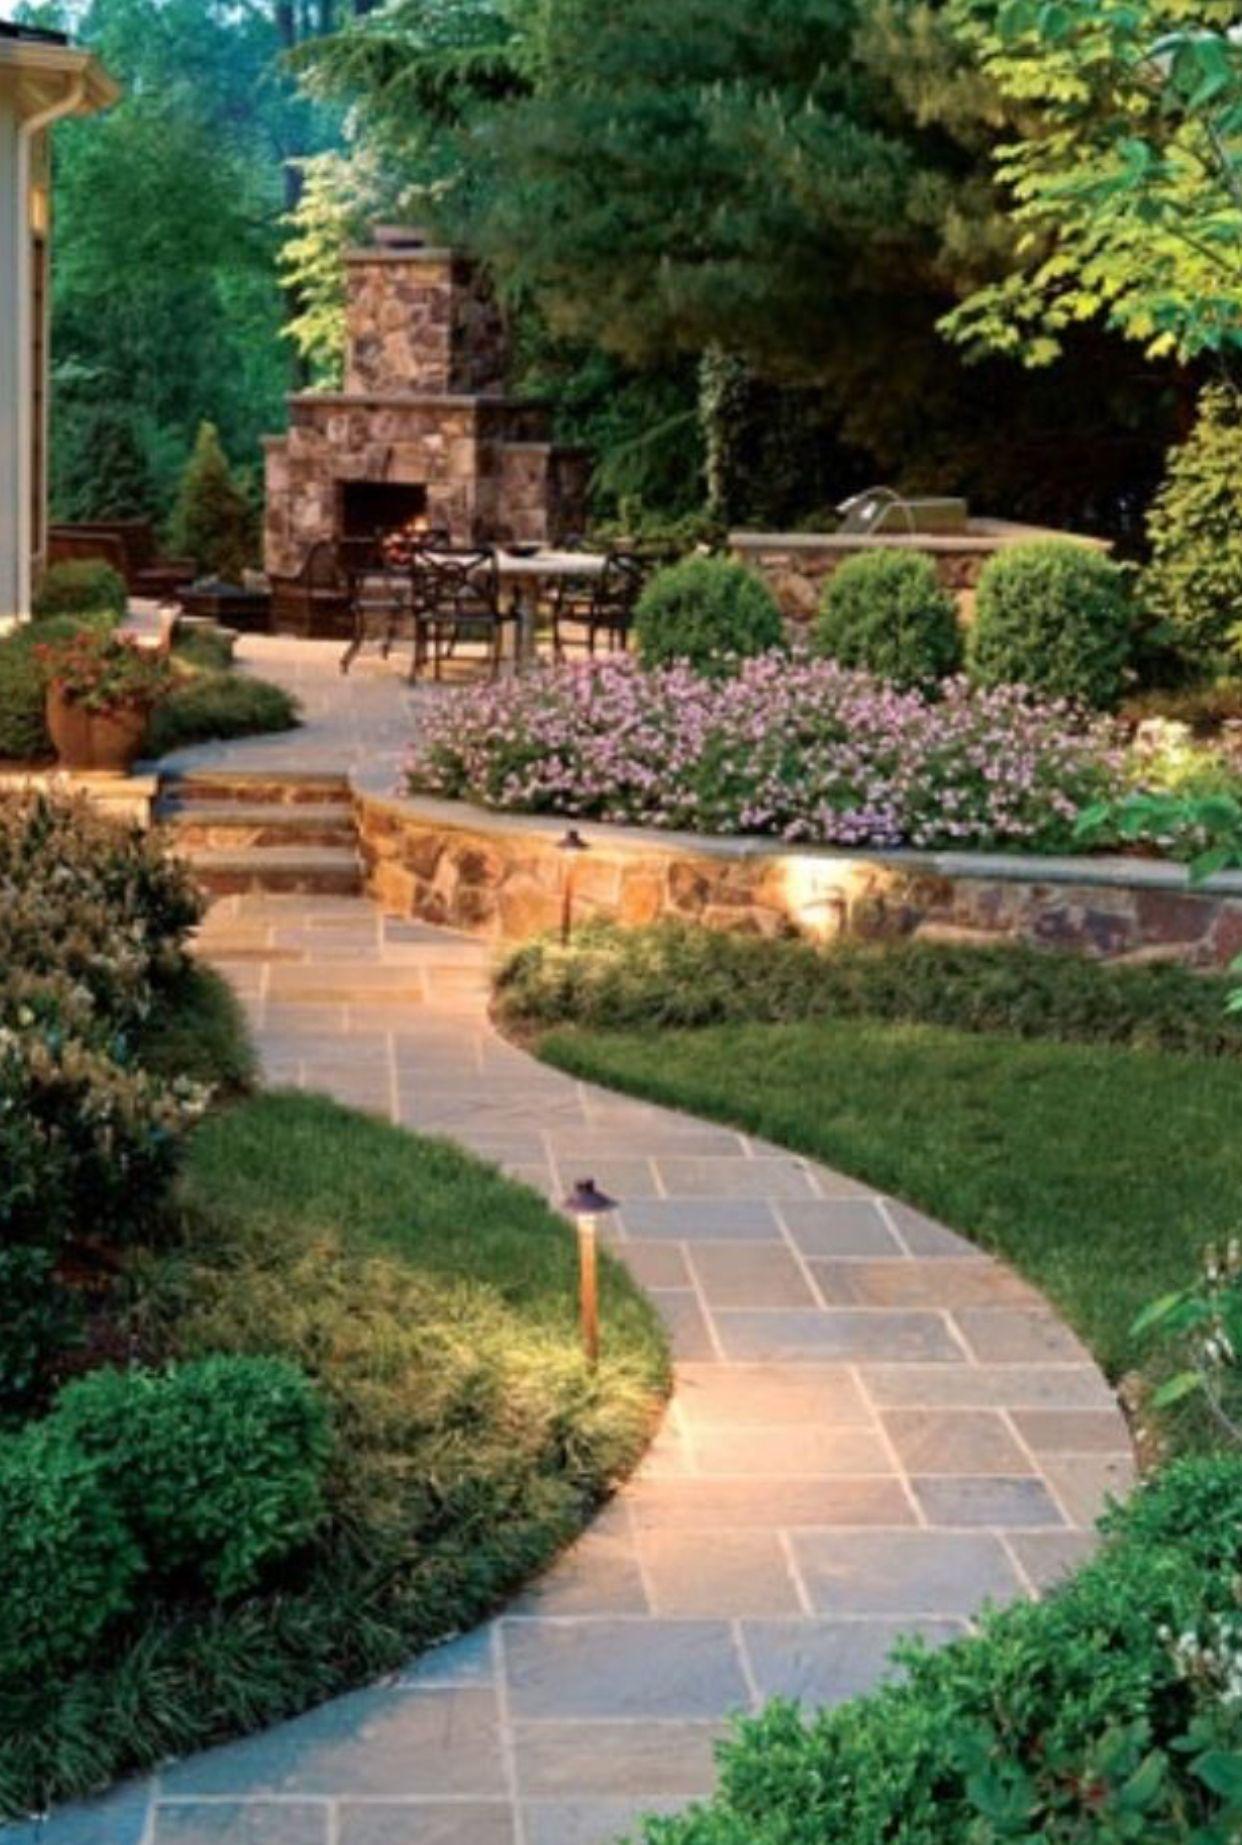 0d153bcd9a1bbc51fcd153bb09d38579 Tolle Gartengestaltung Ideen Vorgarten Konzept